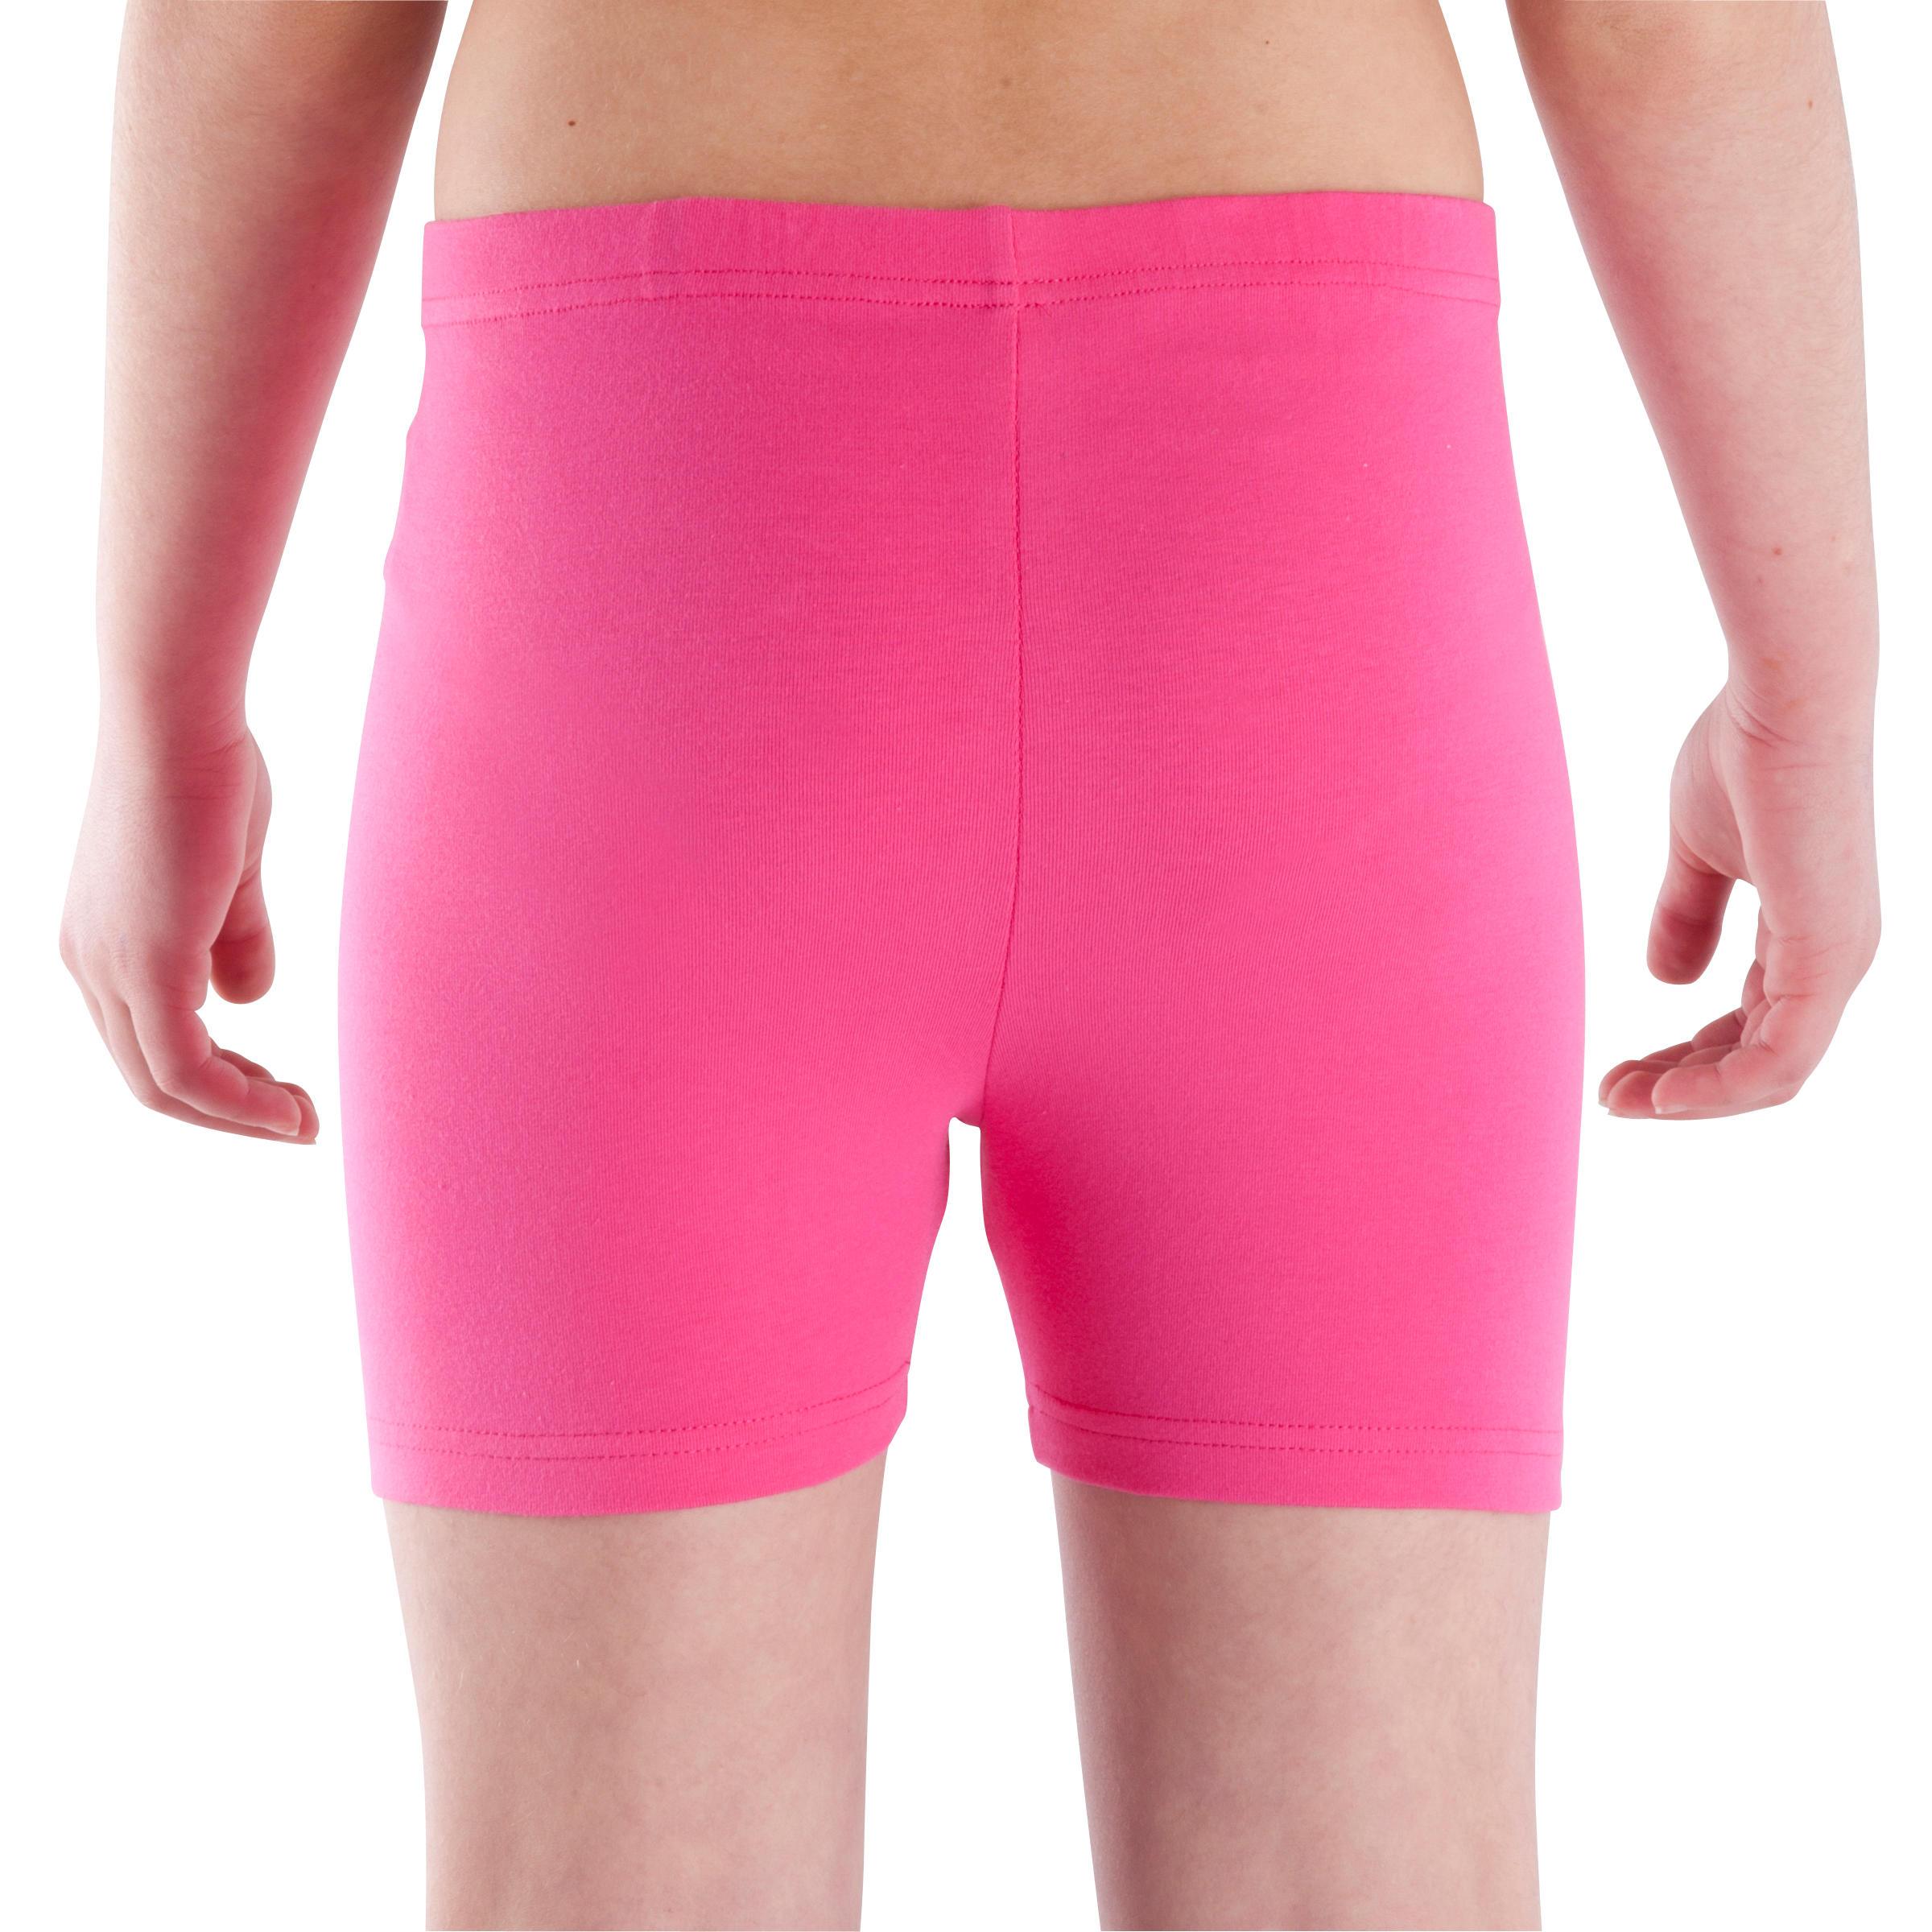 Girls' Gym Shorts - Pink